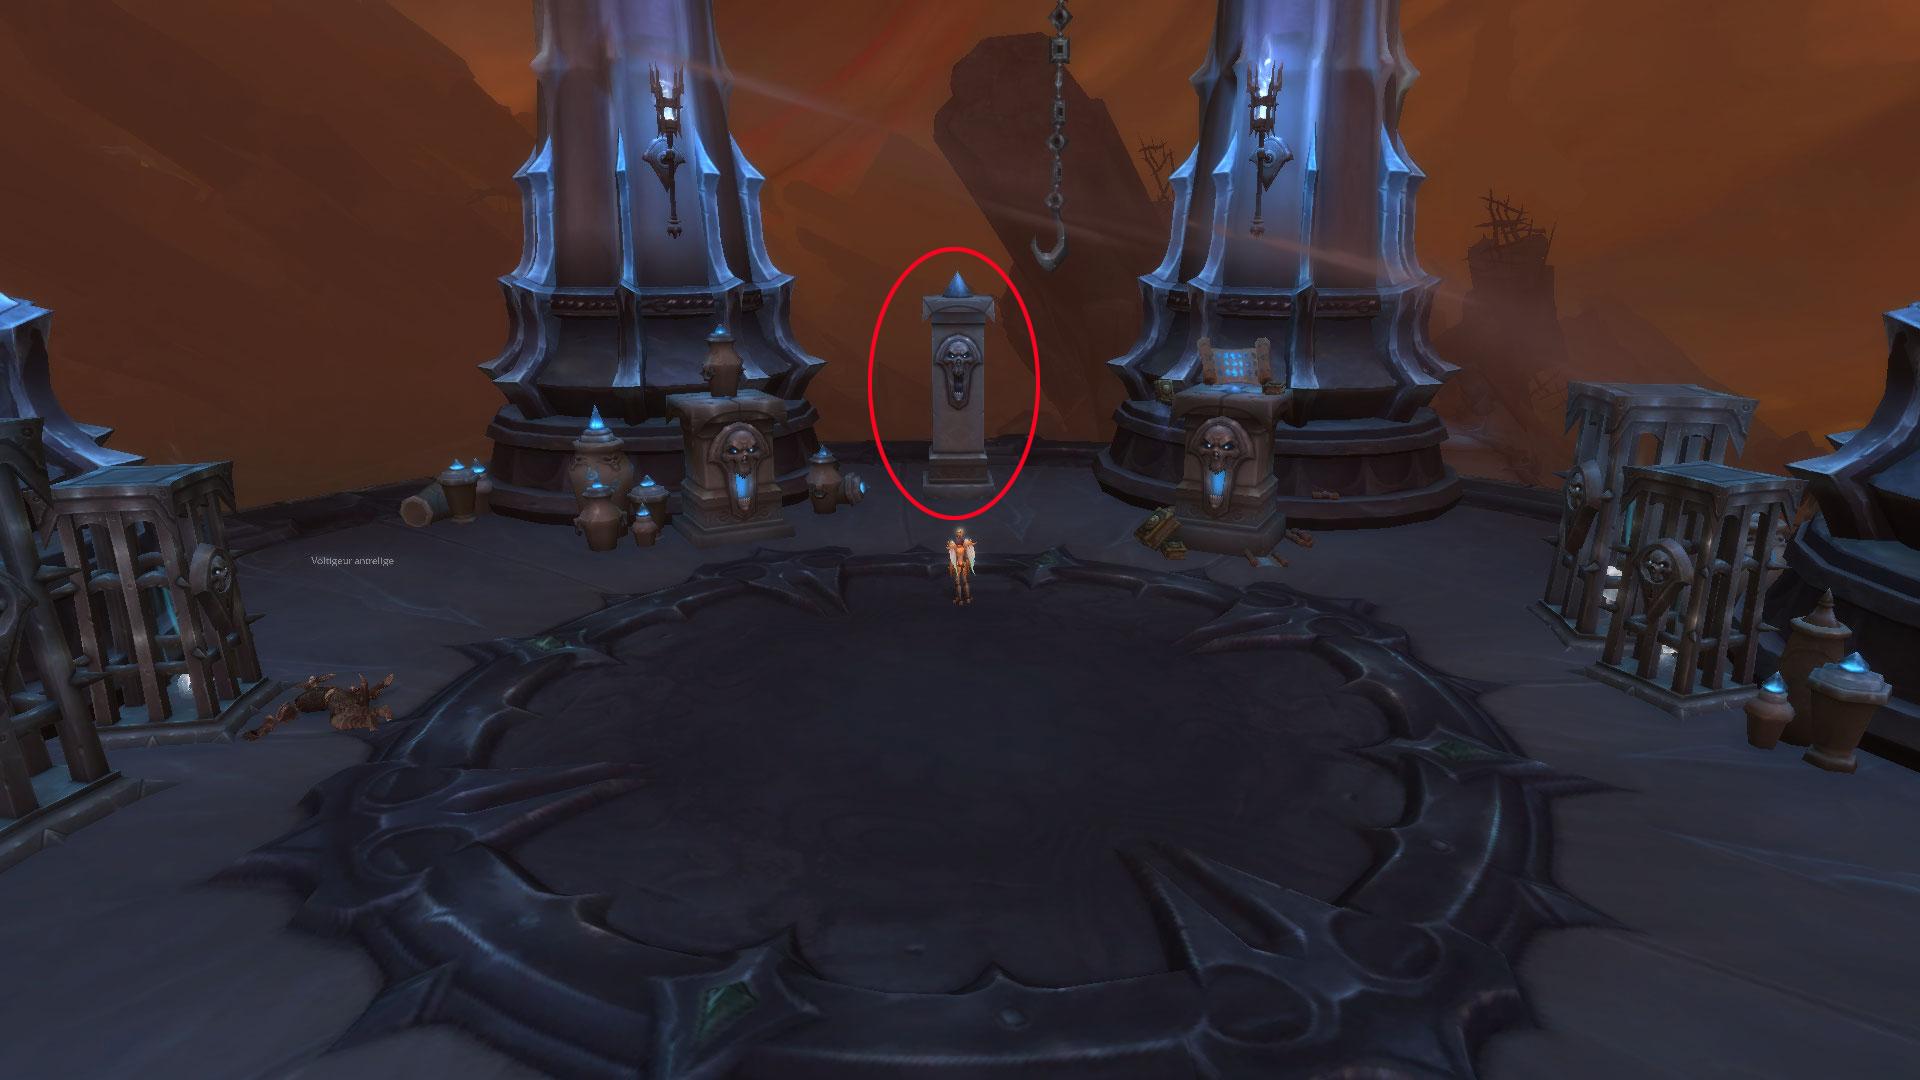 Cliquez sur l'autel pour obtenir une nouvelle quête